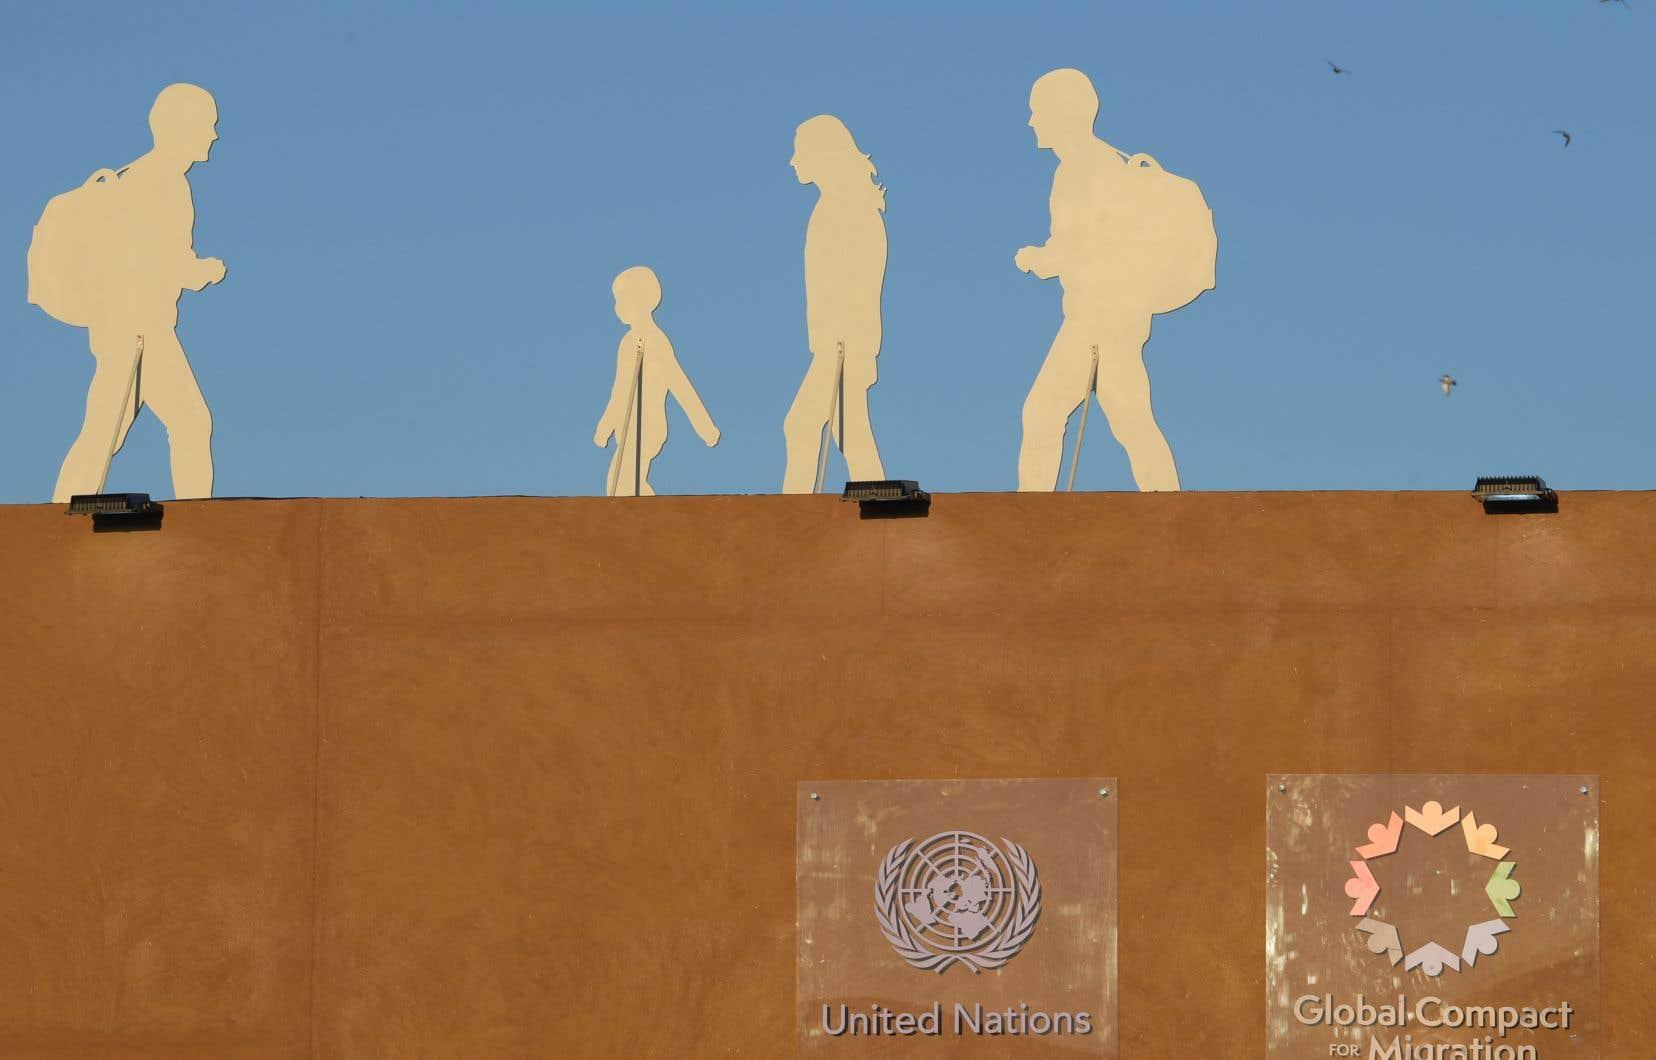 Il y a environ 258millions de personnes en mobilité et de migrants dans le monde, soit 3,4% de la population mondiale.